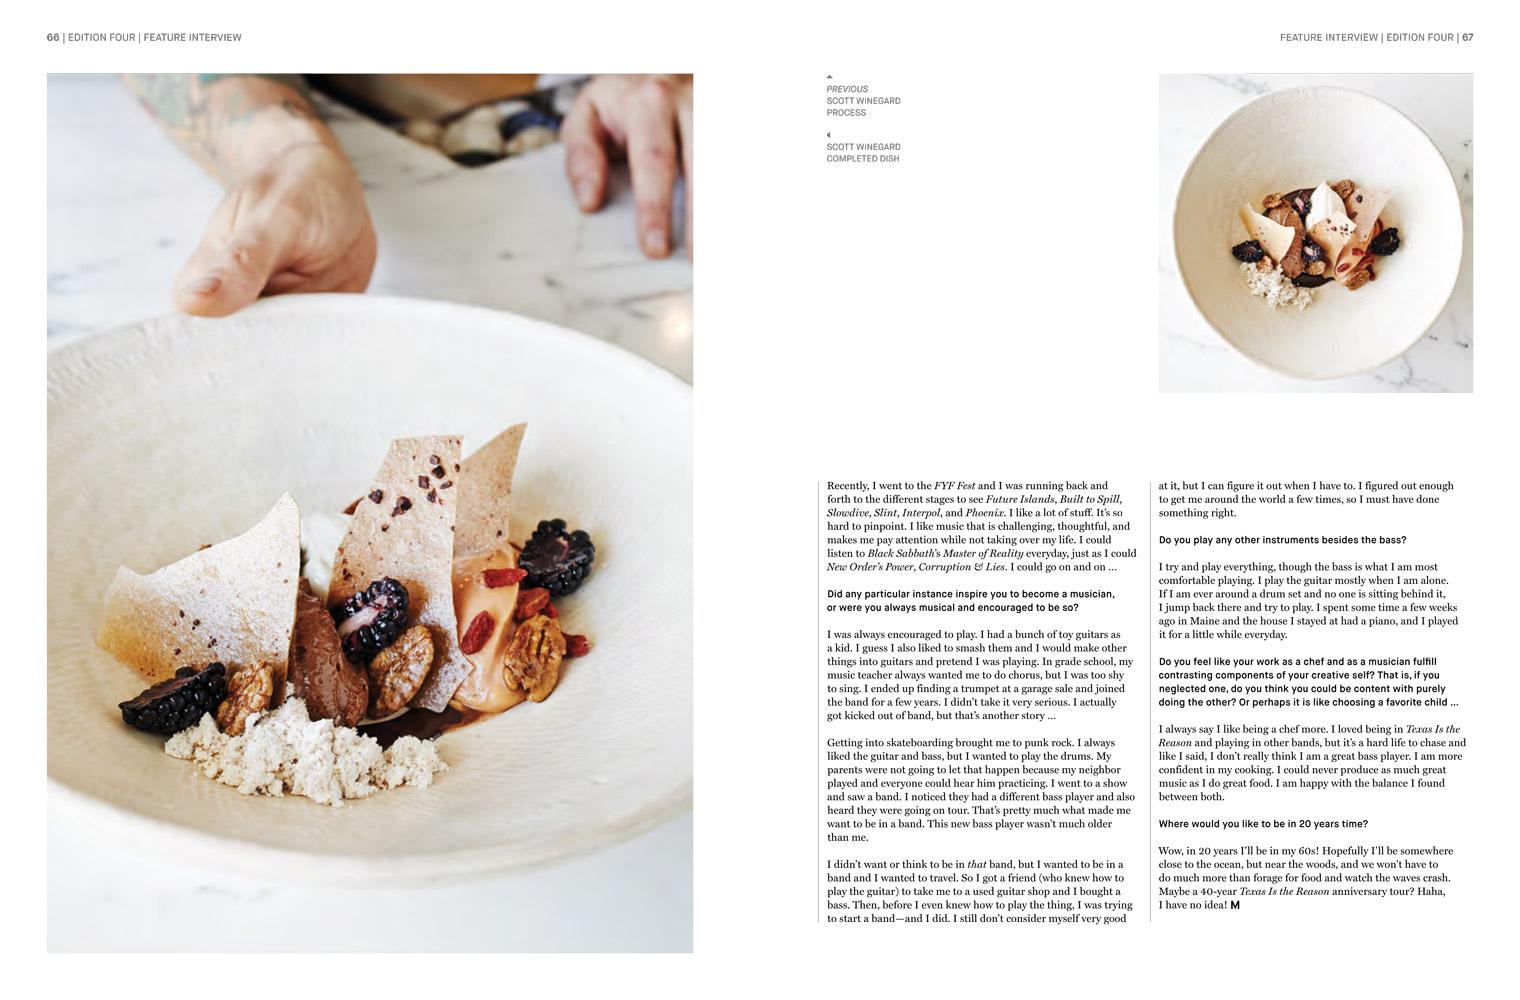 scott_winegard_chef_5.jpg